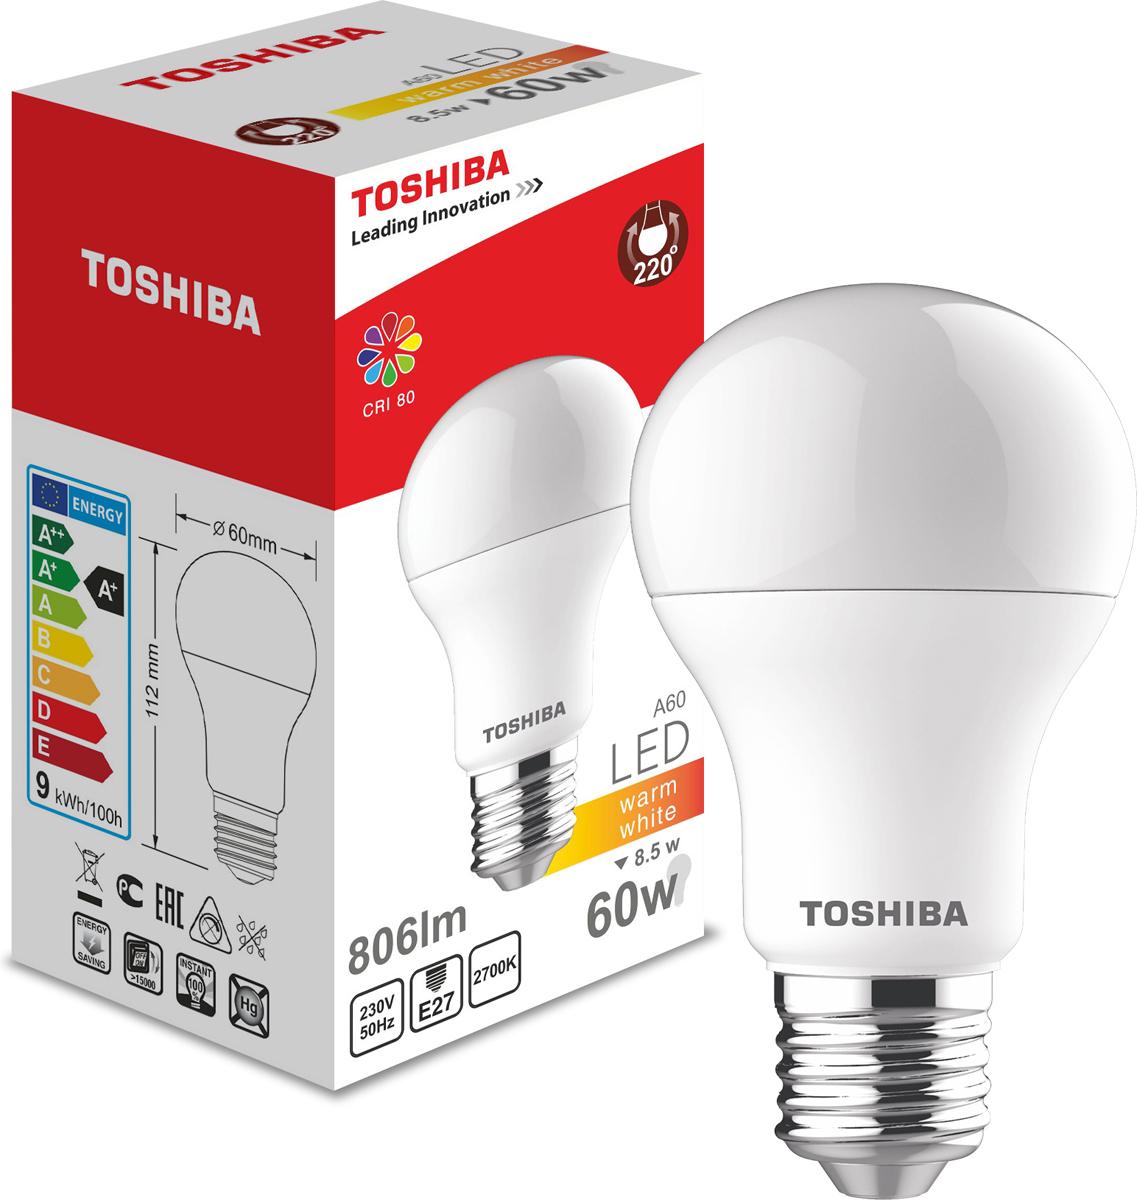 """Лампа светодиодная """"Toshiba"""" является самым перспективным источником света. Основным преимуществом данного источника света является длительный срок службы и очень низкое энергопотребление, так, например, по сравнению с обычной лампой накаливания светодиодная лампа служит в среднем в 50 раз дольше и потребляет в 10-15 раз меньше электроэнергии.  При этом светодиодная лампа практически не подвержена механическому воздействию из-за прочной конструкции и позволяет получить любой цвет светового потока, что, несомненно, расширяет возможности применения и позволяет создавать новые решения в области освещения."""